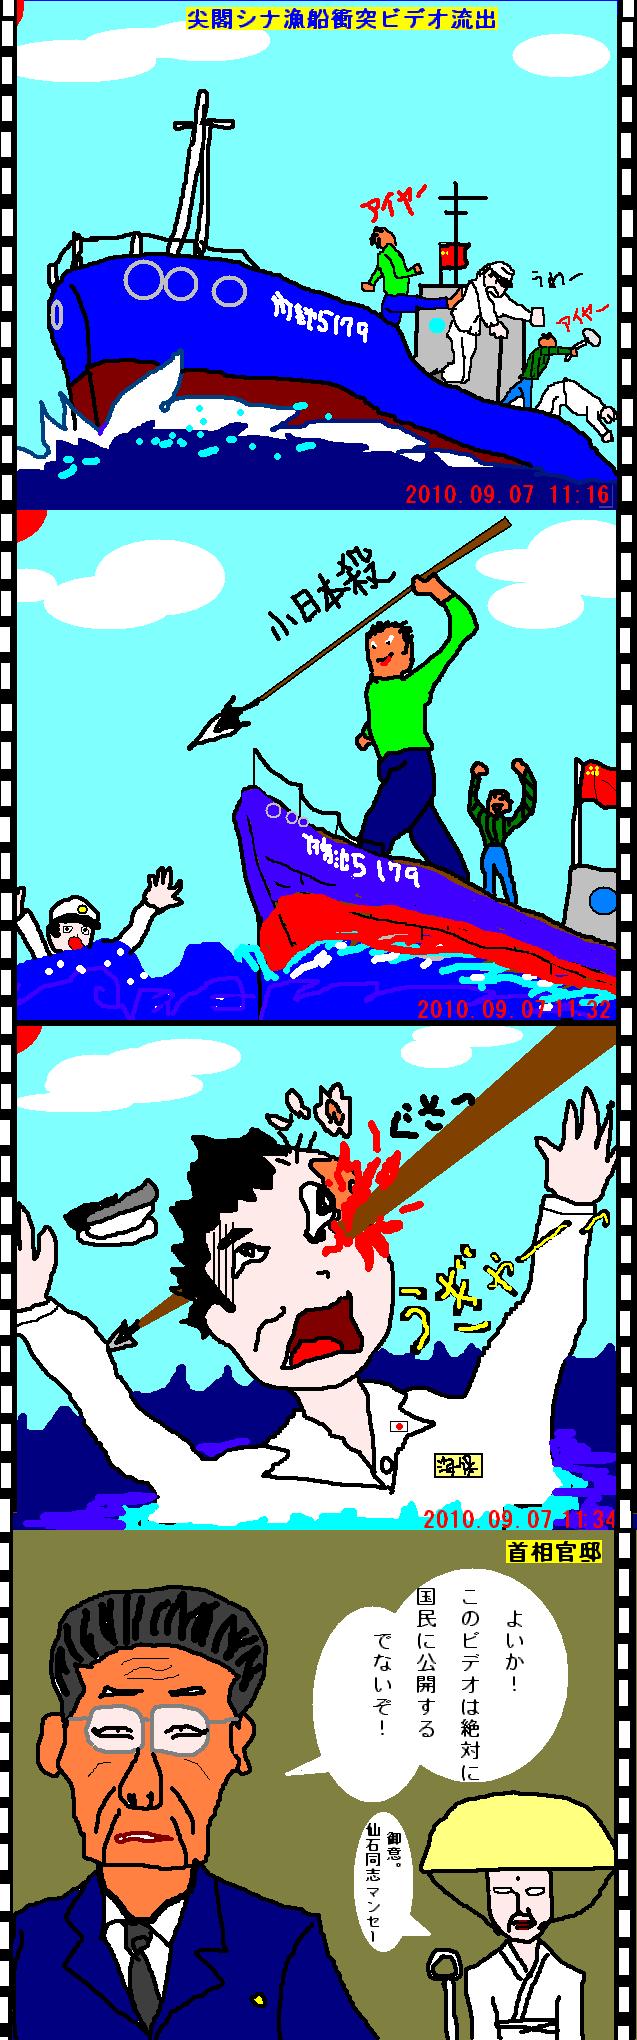 海保職員を海に突き落とし、銛で突いた支那人を許すな